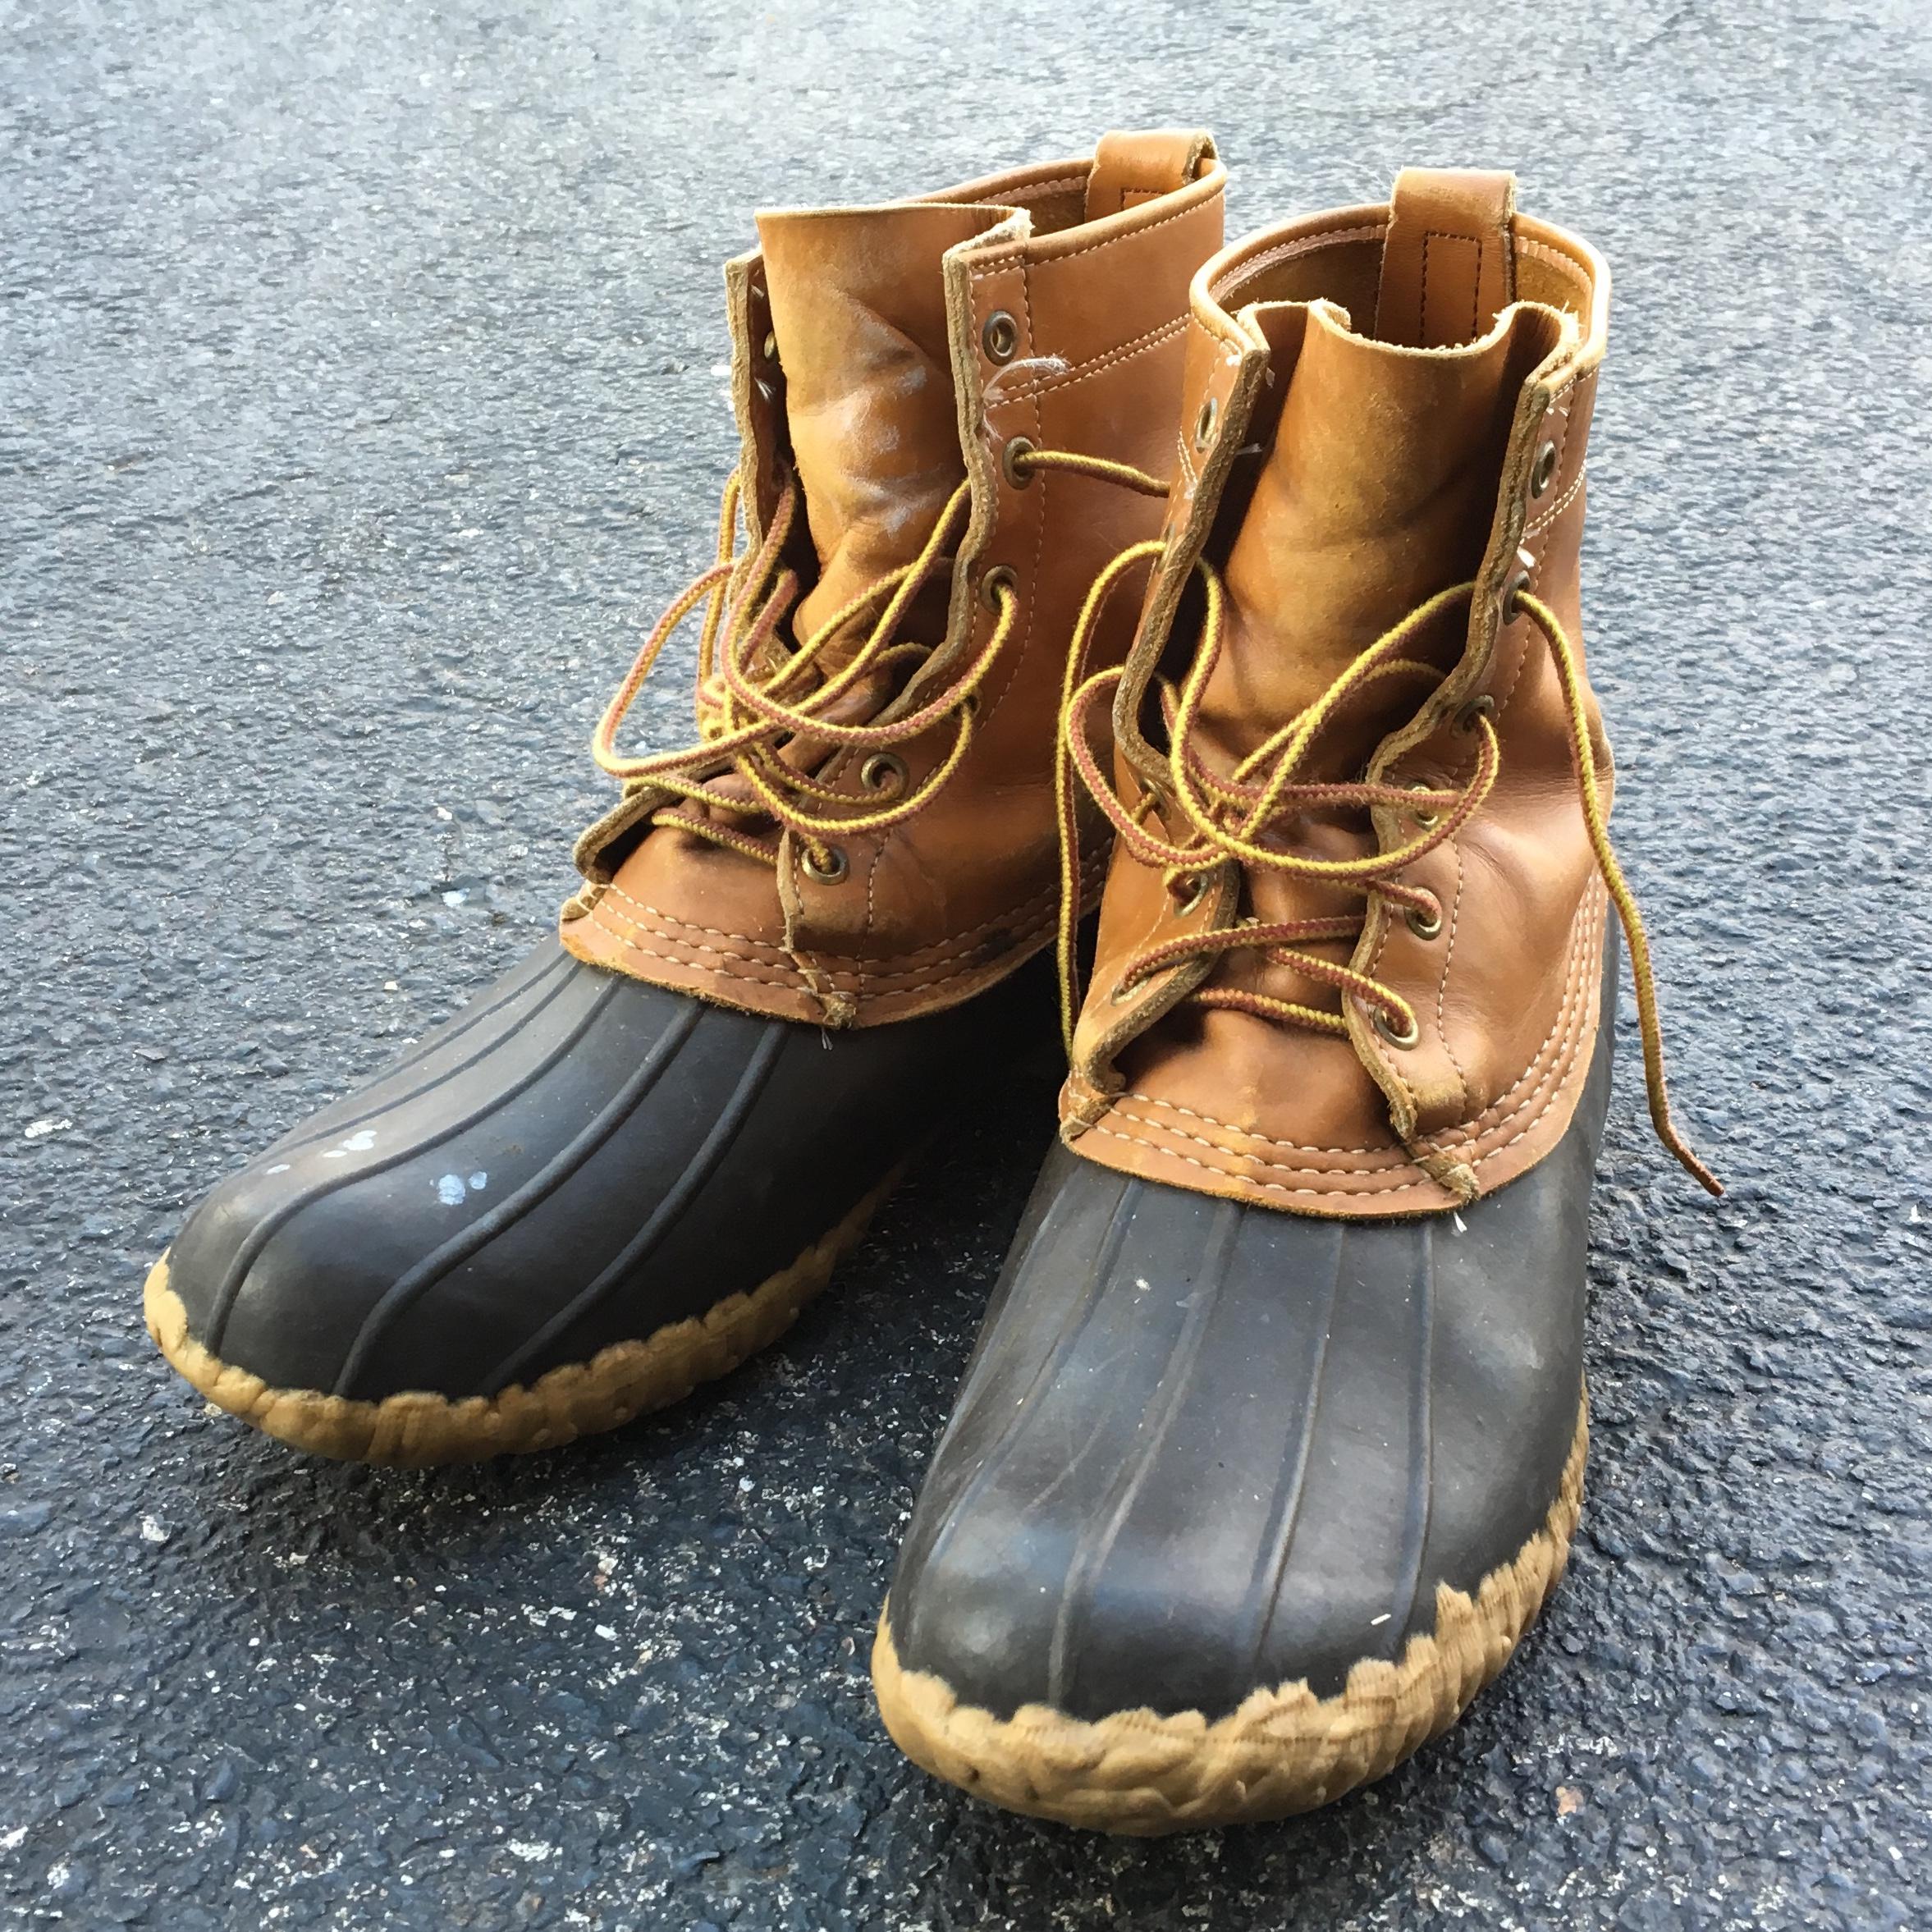 LL Bean Waterproof Duck Boots for Men